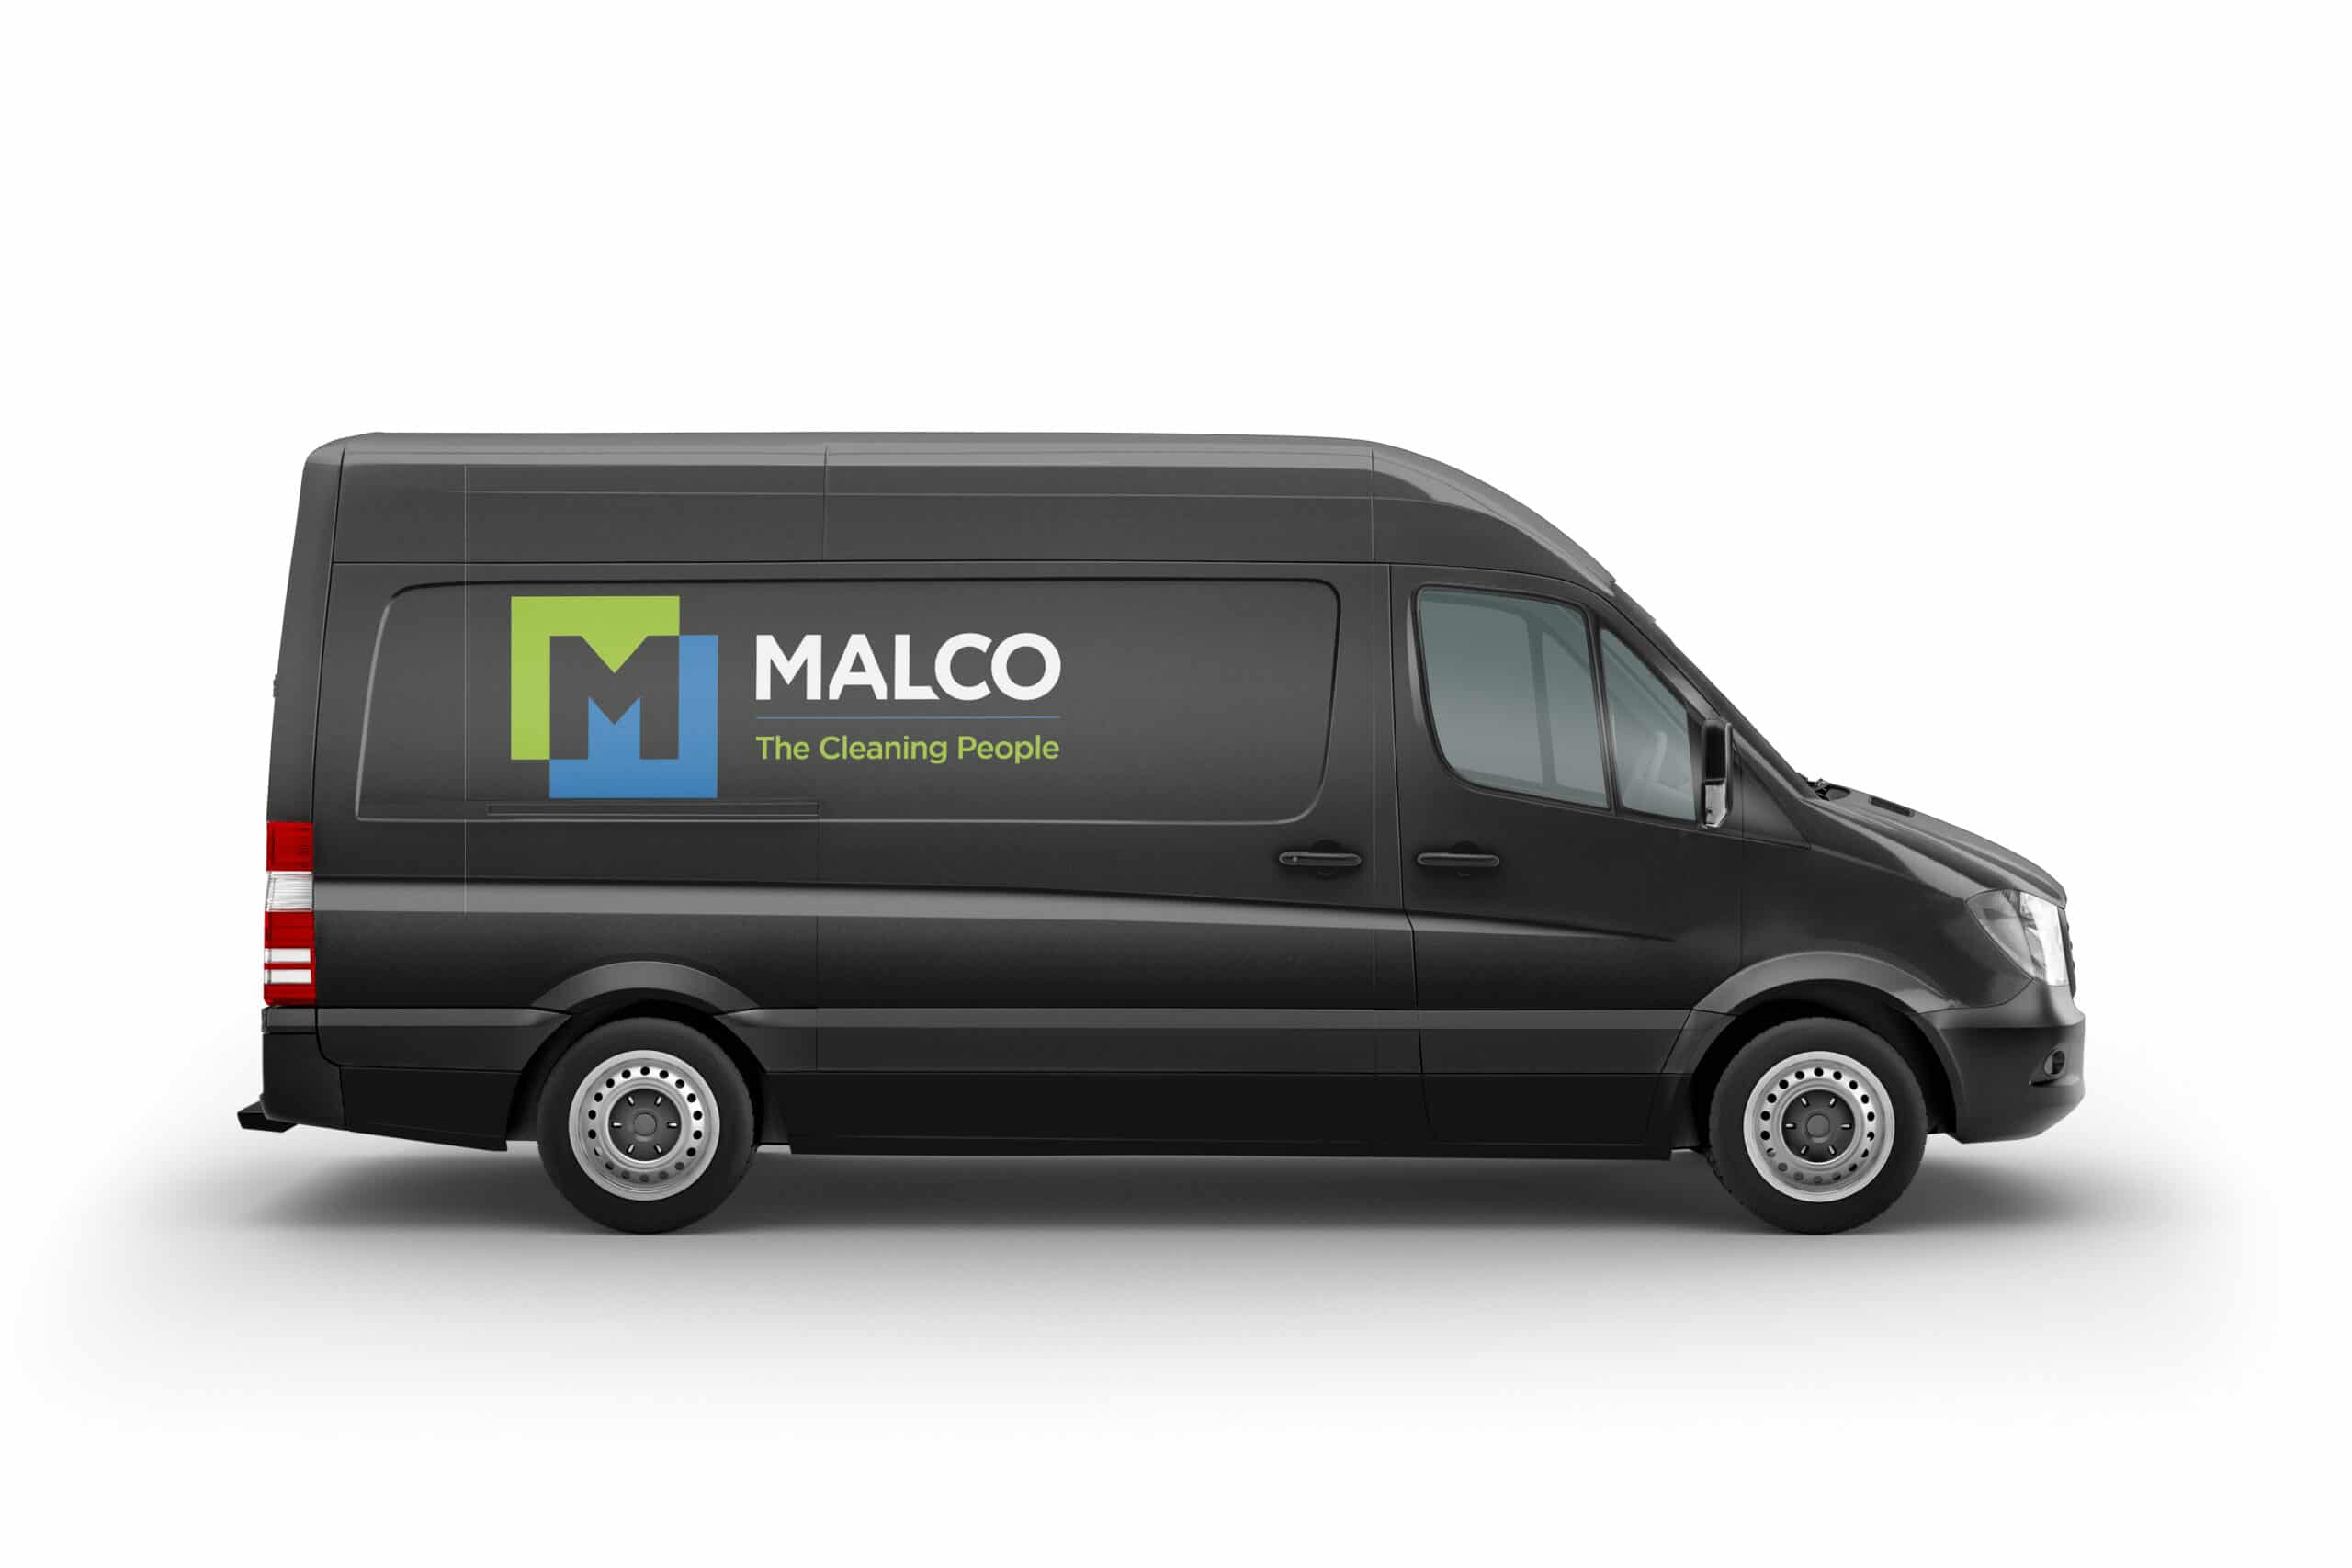 Malco Cleaning Van